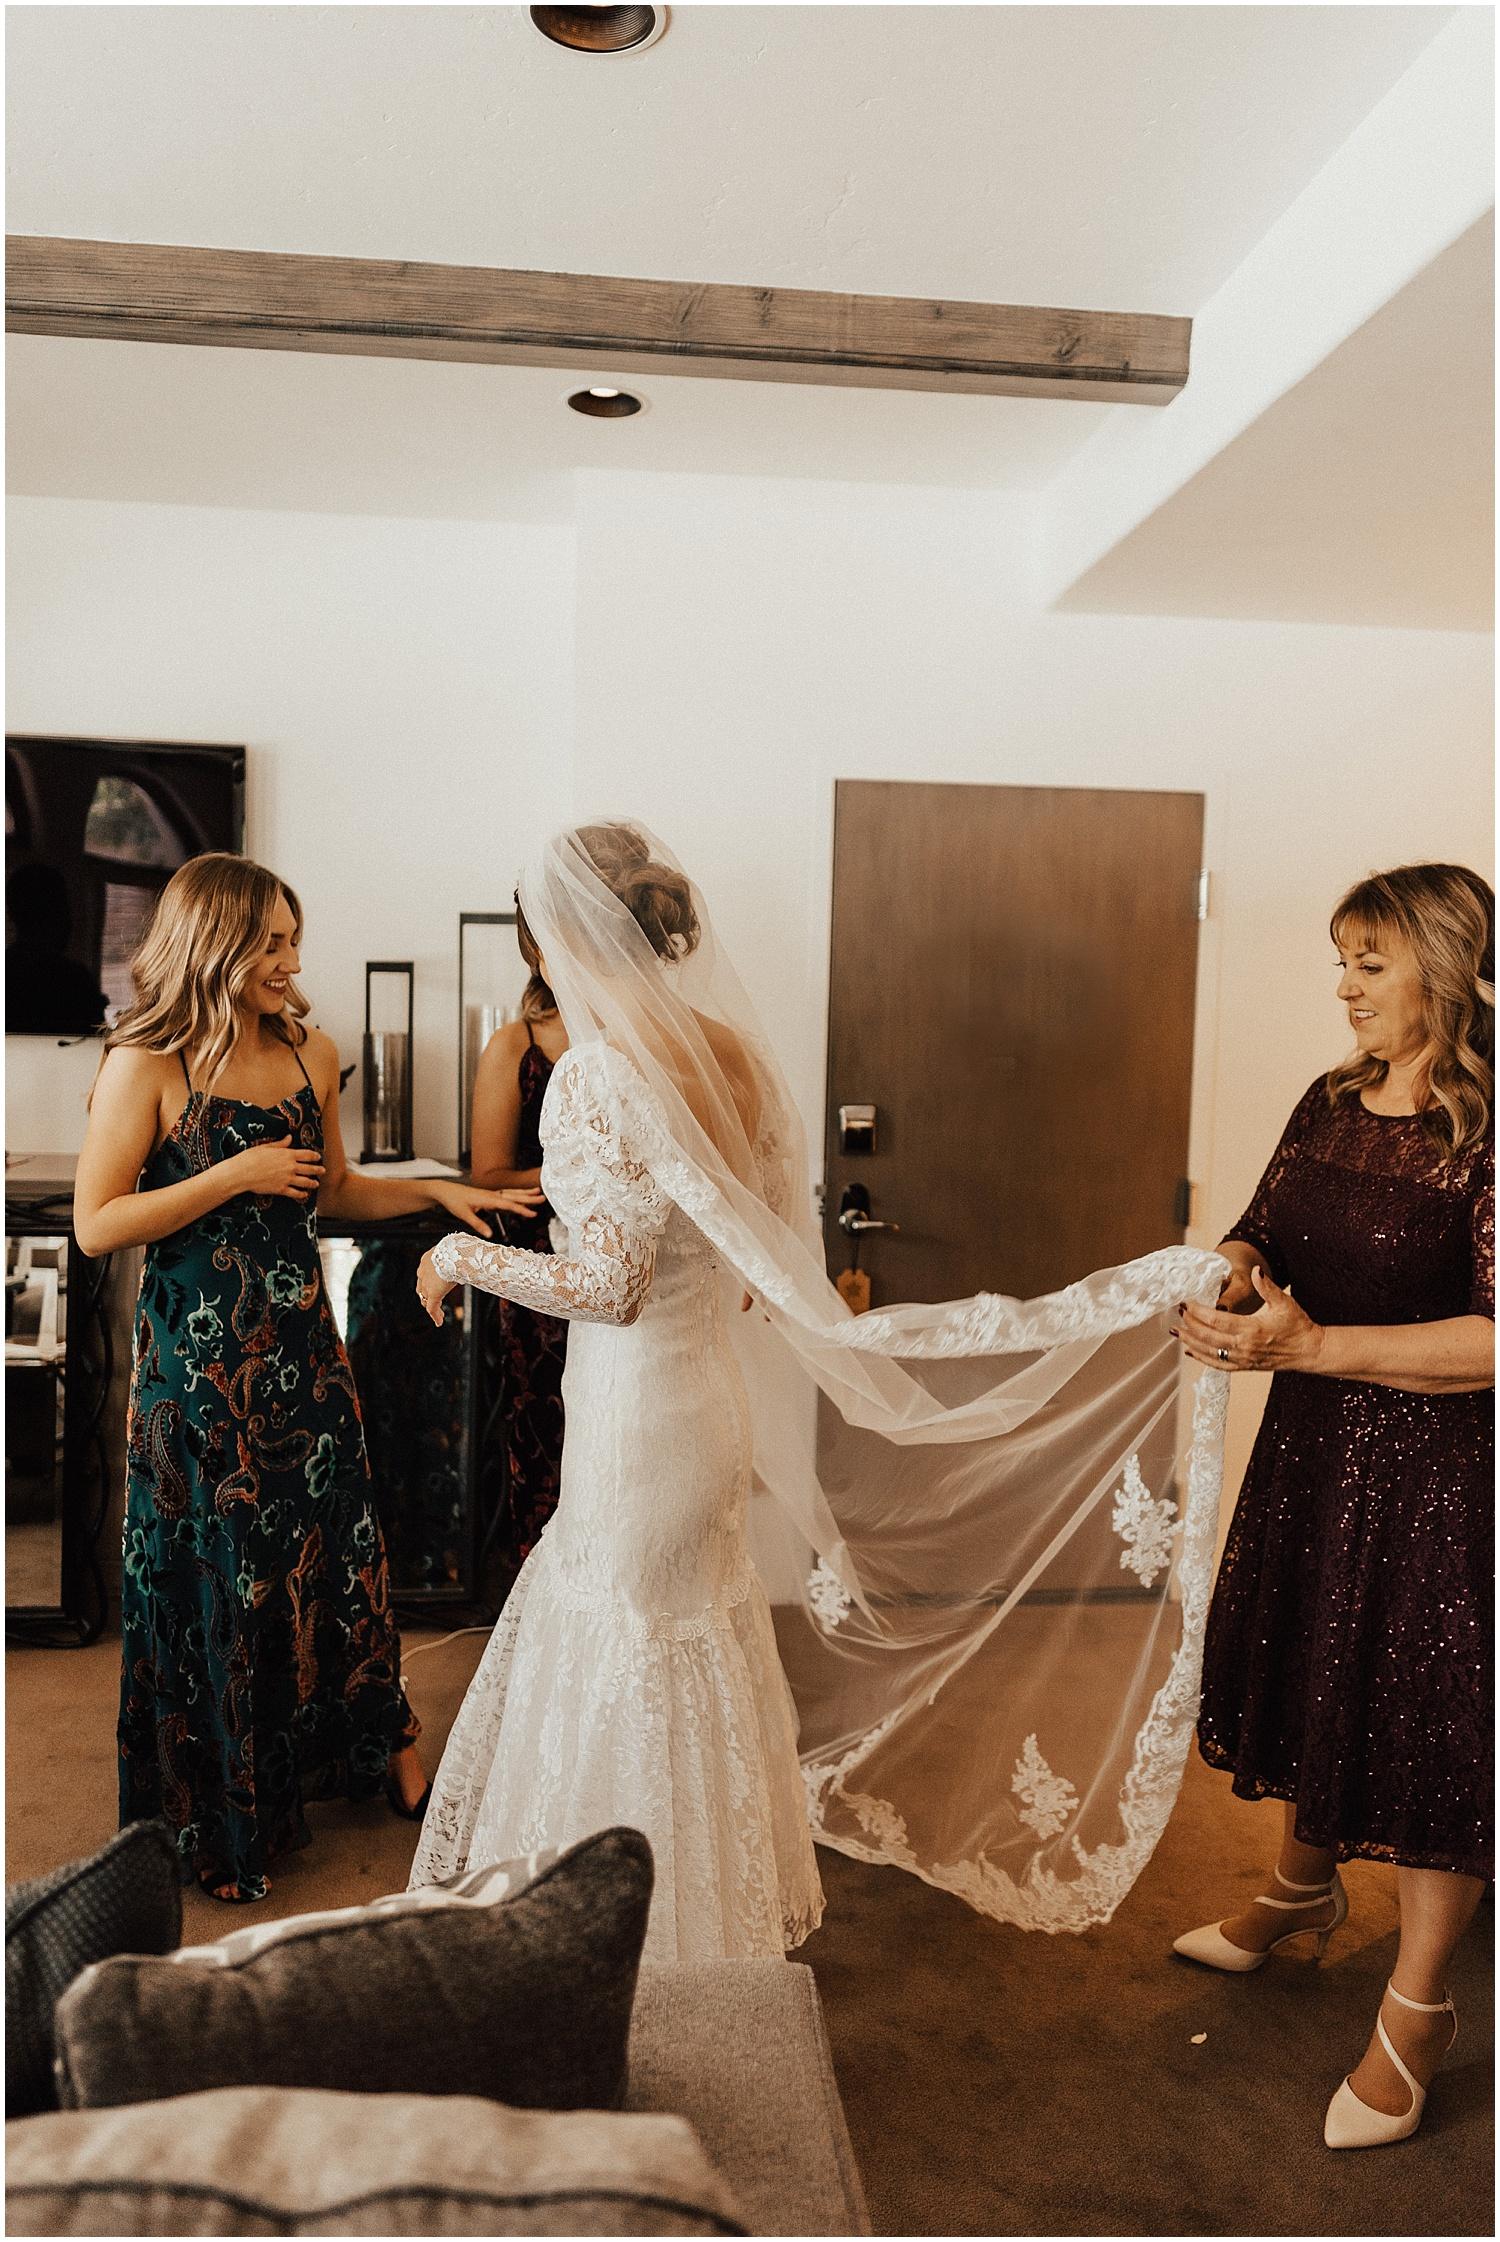 church-wedding-industrial-reception-sunvalley-idaho23.jpg